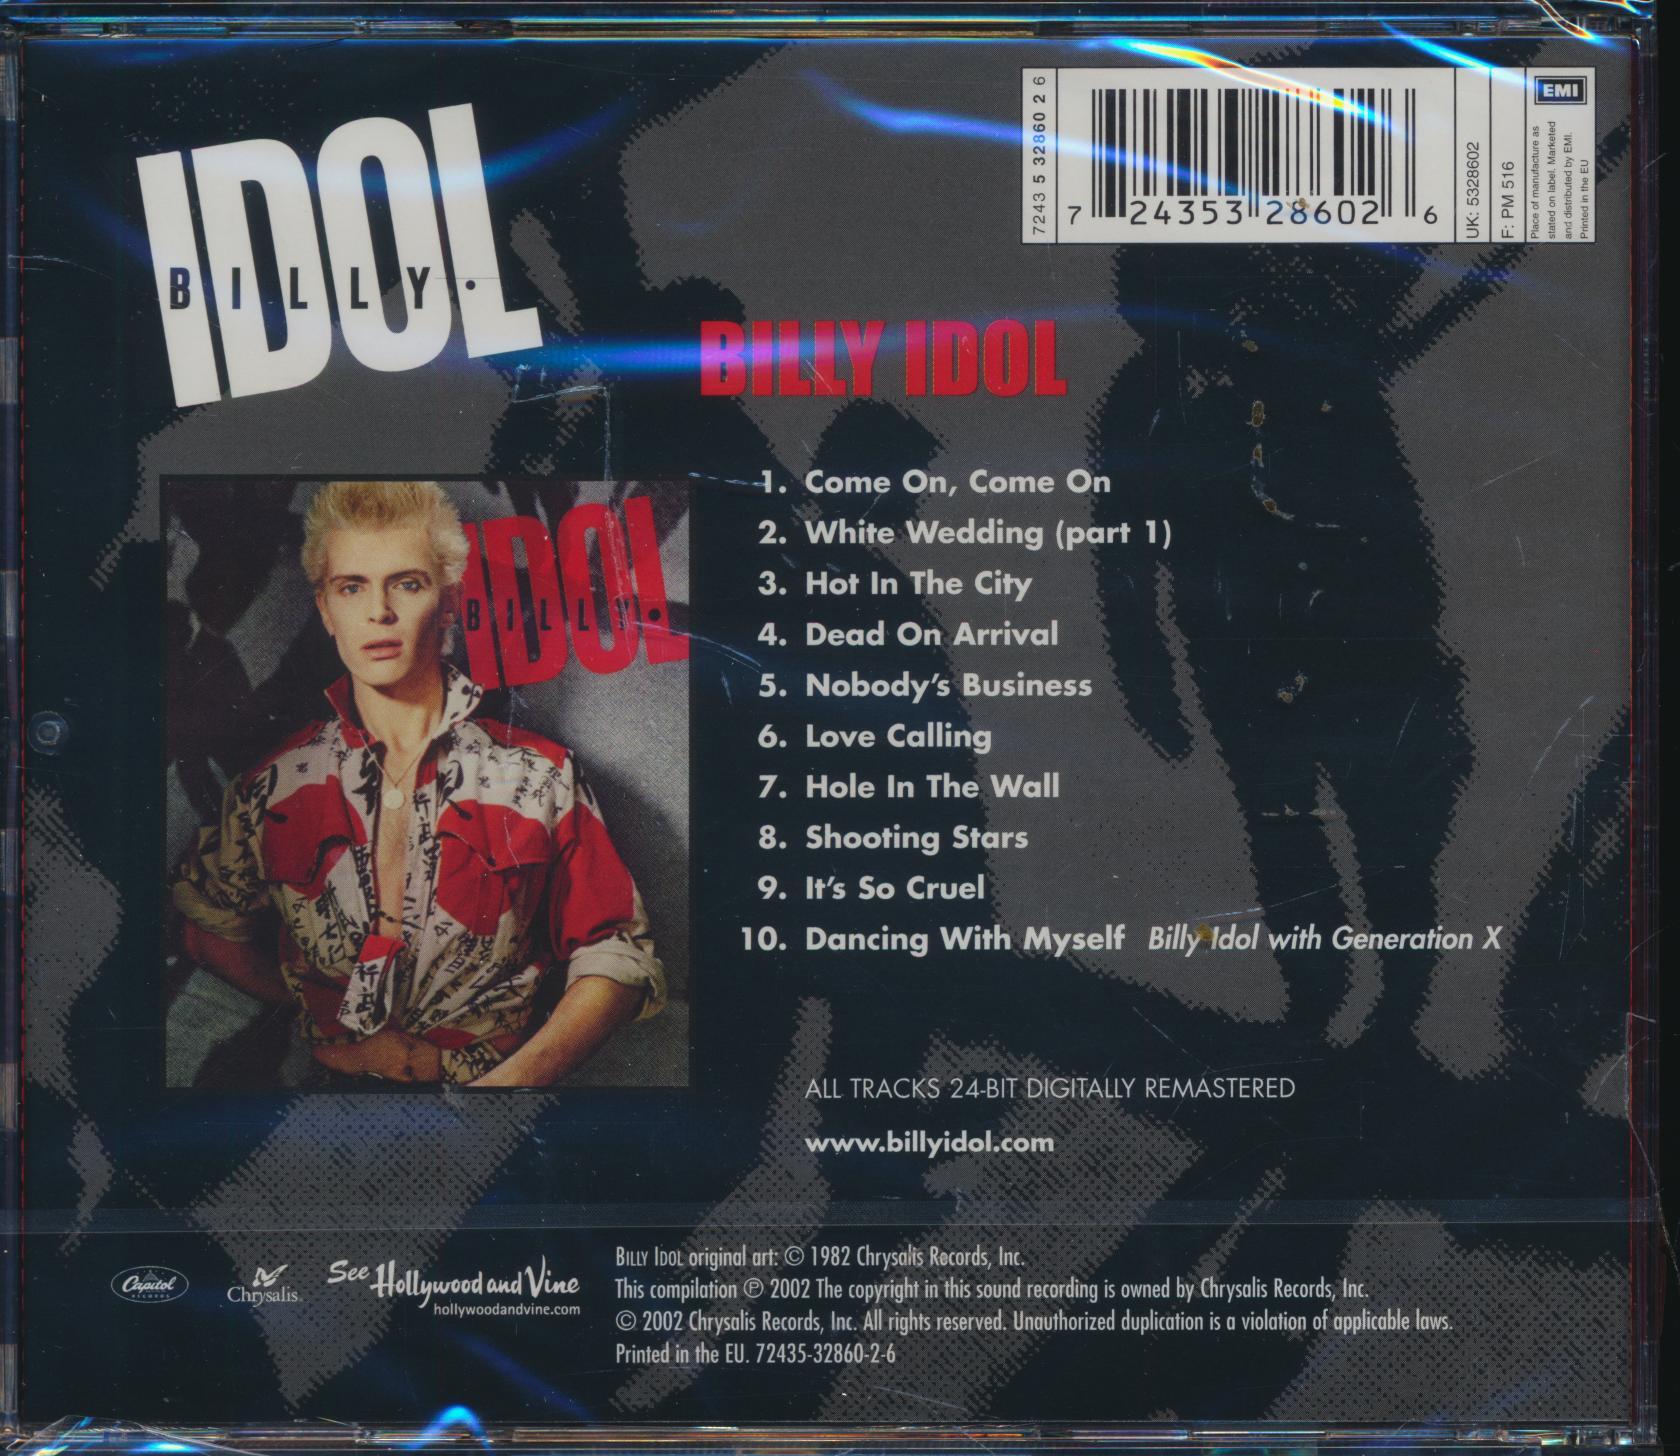 Cd Idol Billy - Billy Idol ☆ SUPERSHOP ☆ tvoj CD obchod 51fe160c5bf